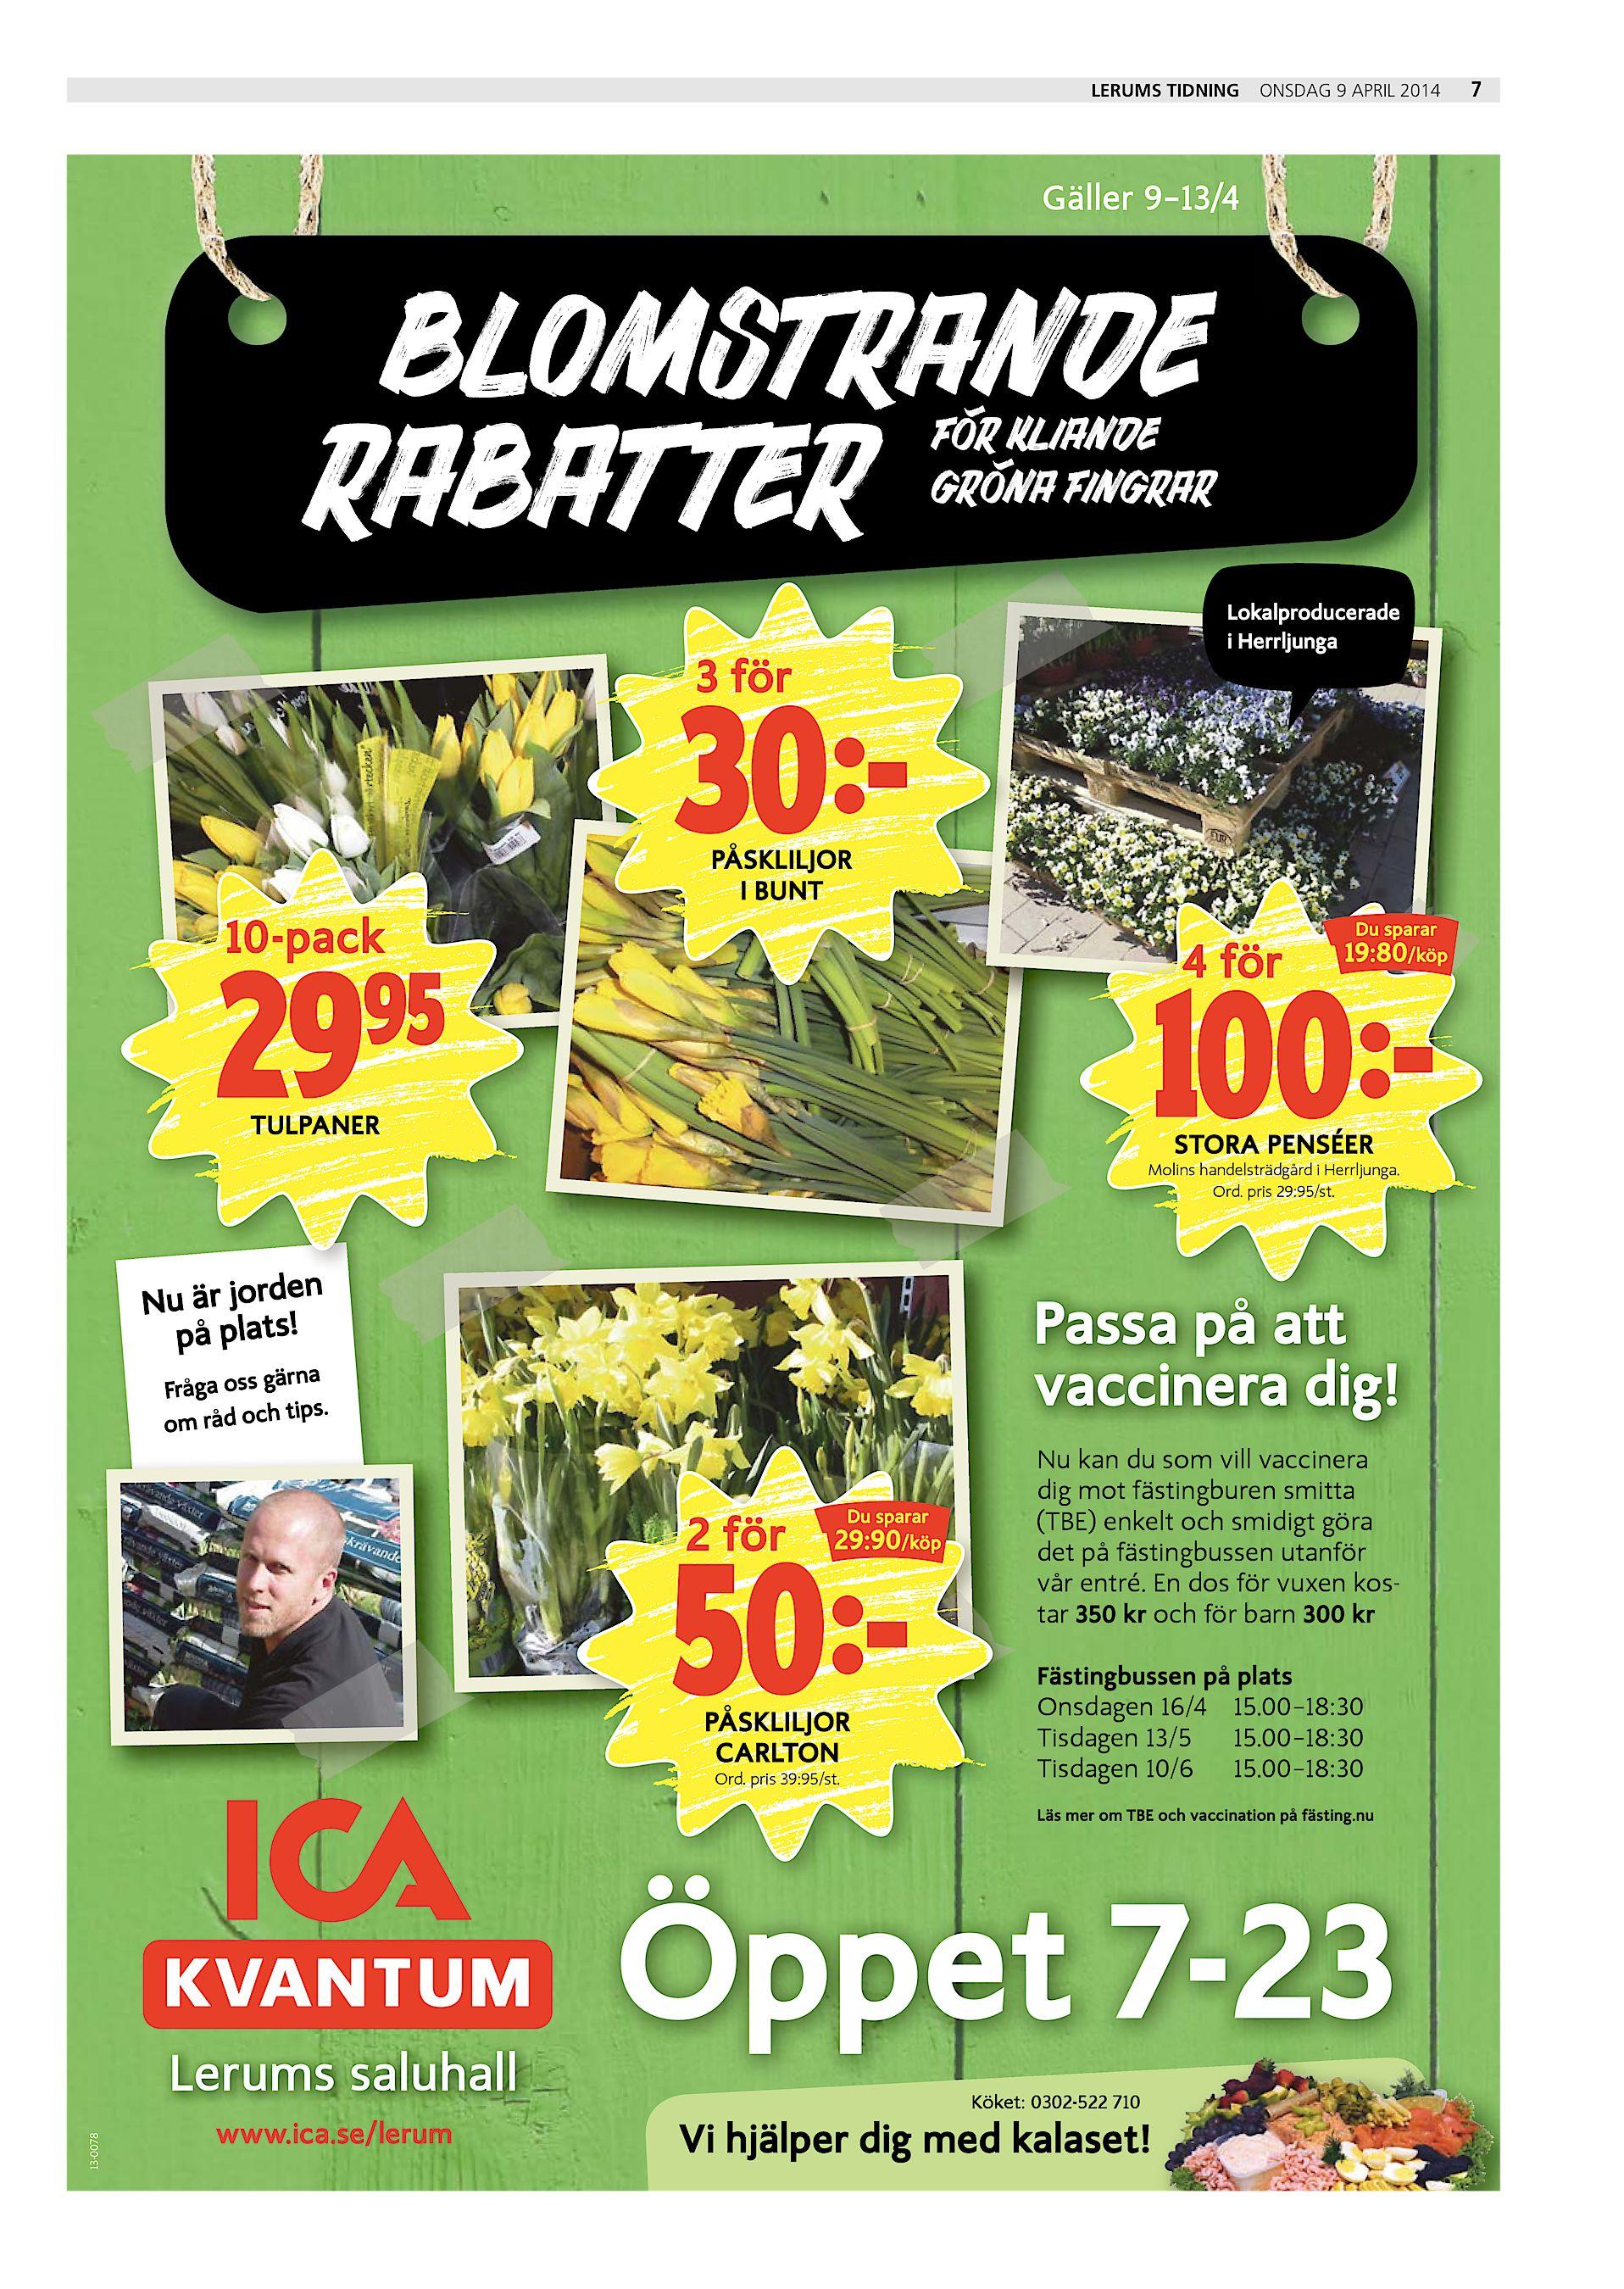 3a63b7b1d4b3 Lerums Tidning onsdag 9 april 2014 Gäller 9–13/4 BLOMSTRANDE RABATTER FÖR  KLIANDE GRÖNA FINGRAR Lokalproducerade i Herrljunga 3 för 30:PÅSKLILJOR I  BUNT ...